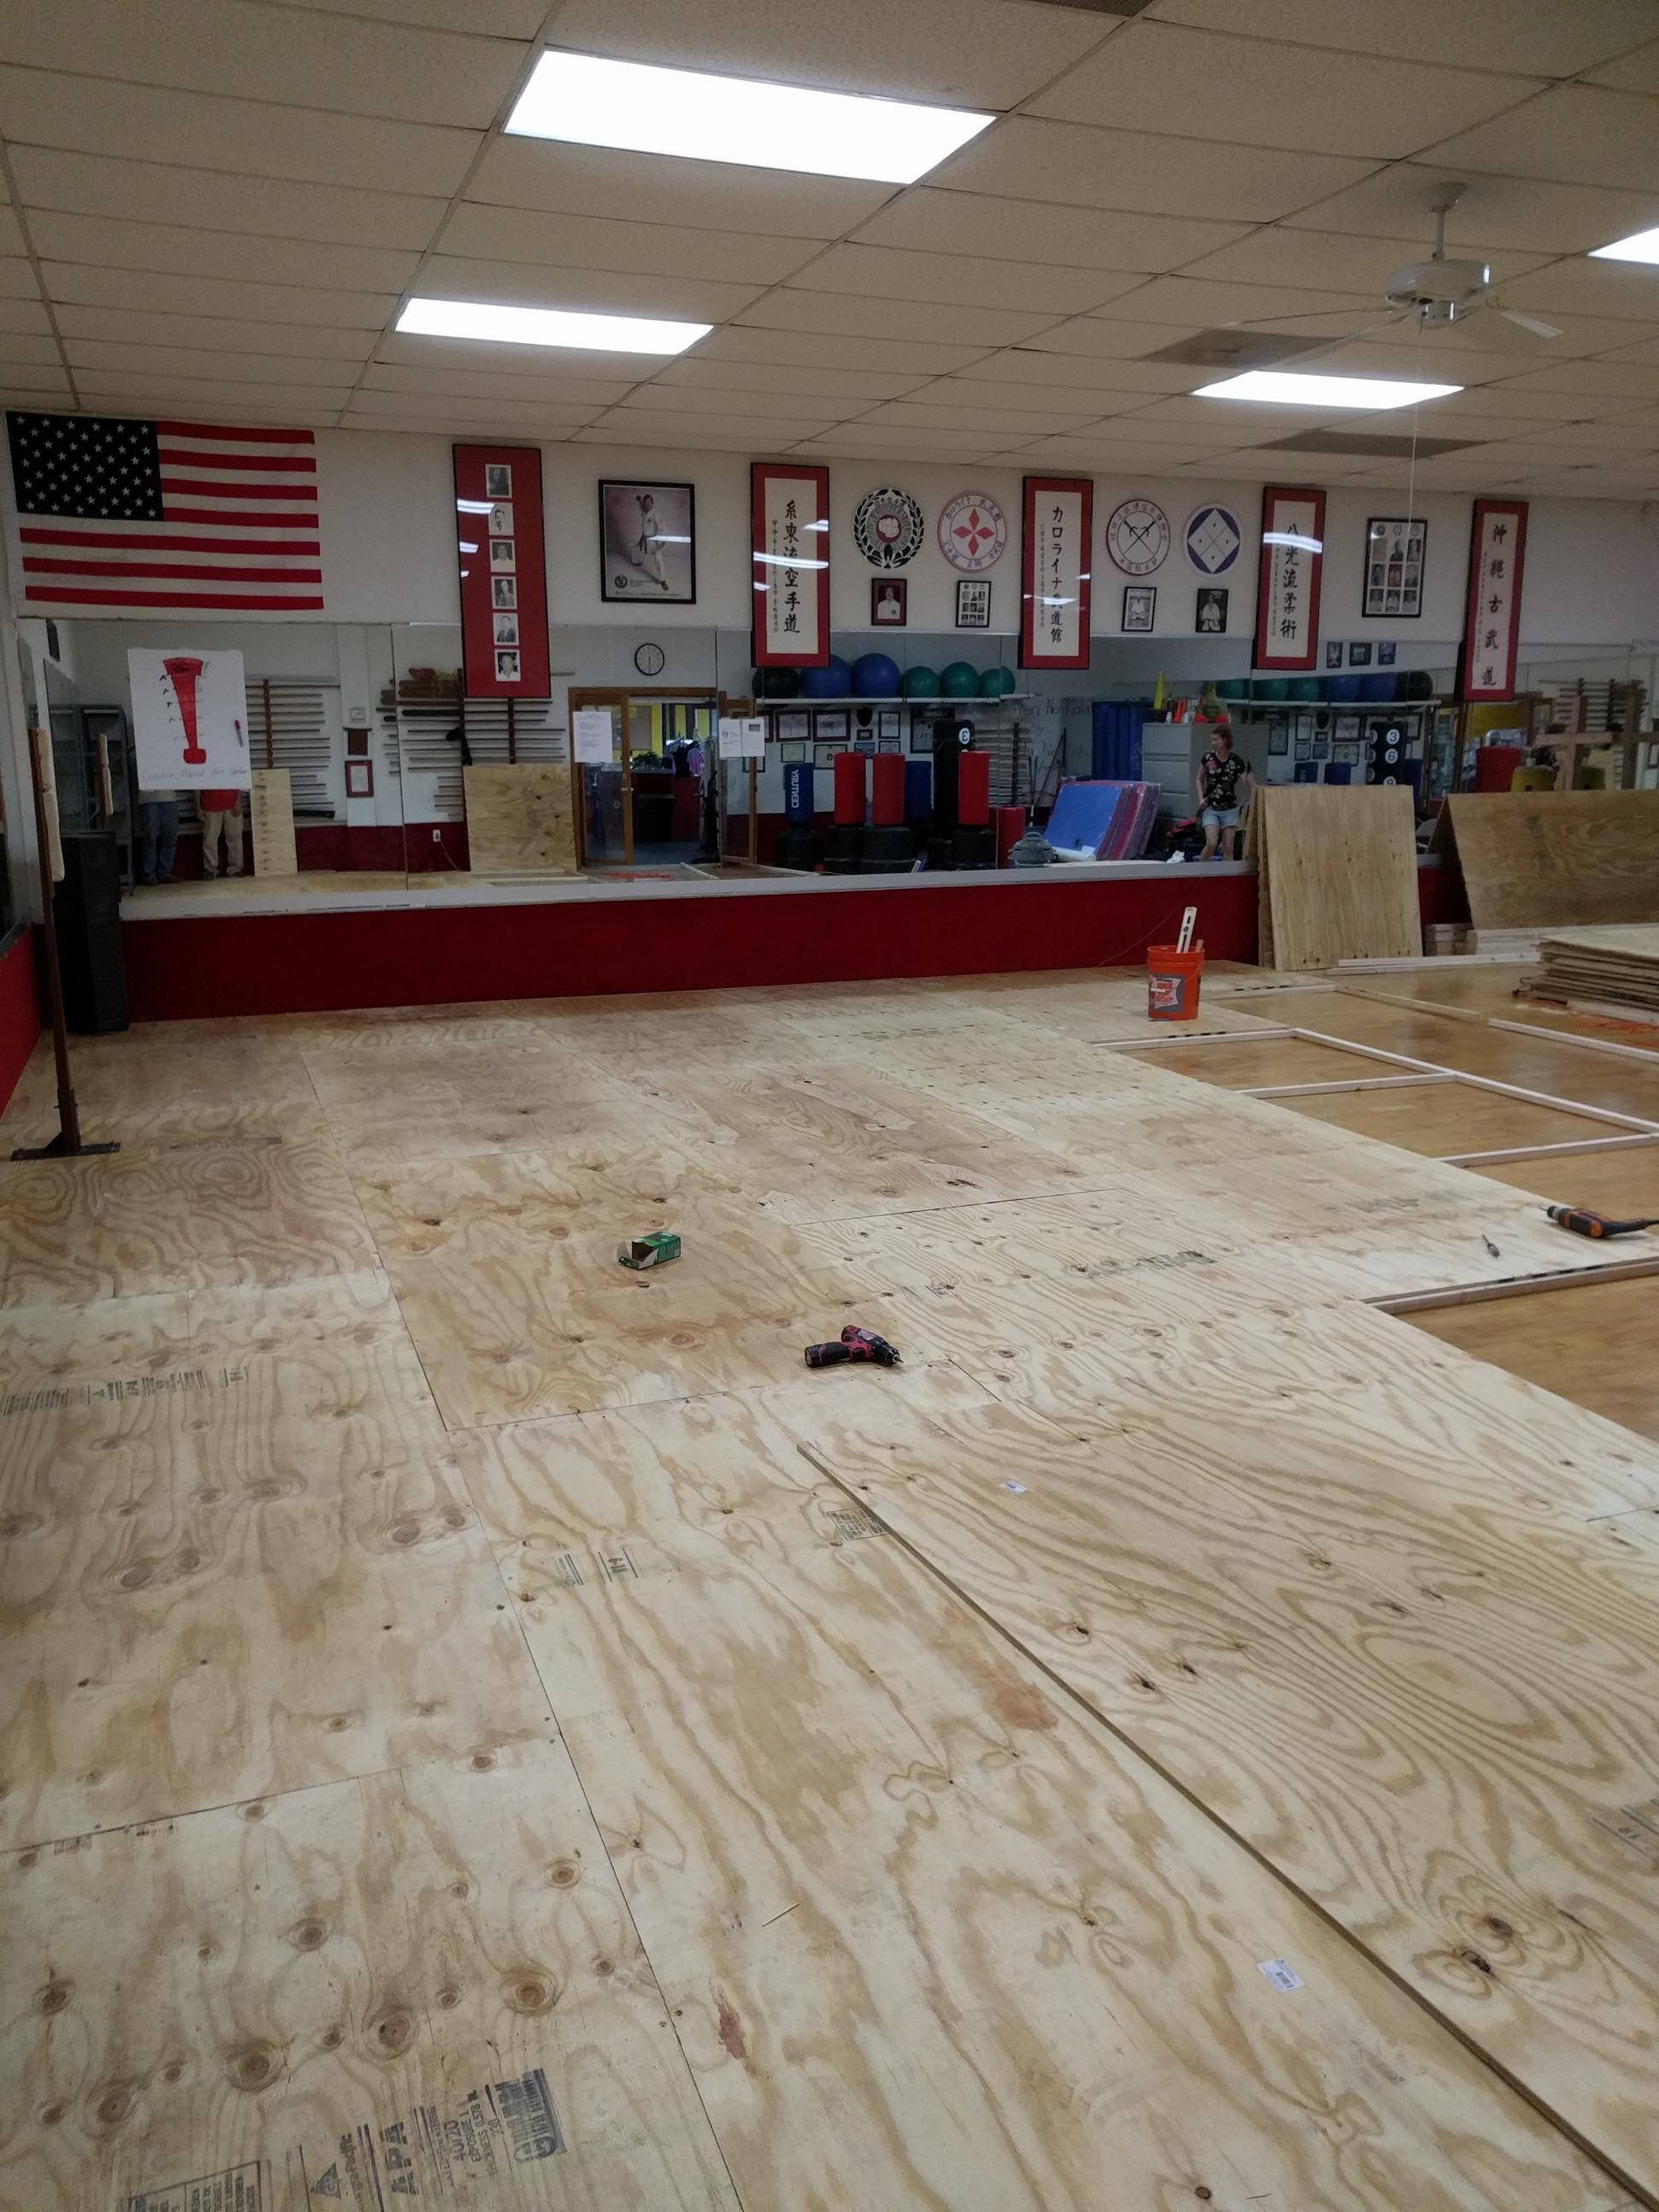 Dojo Floor Mats - Flooring Ideas and Inspiration